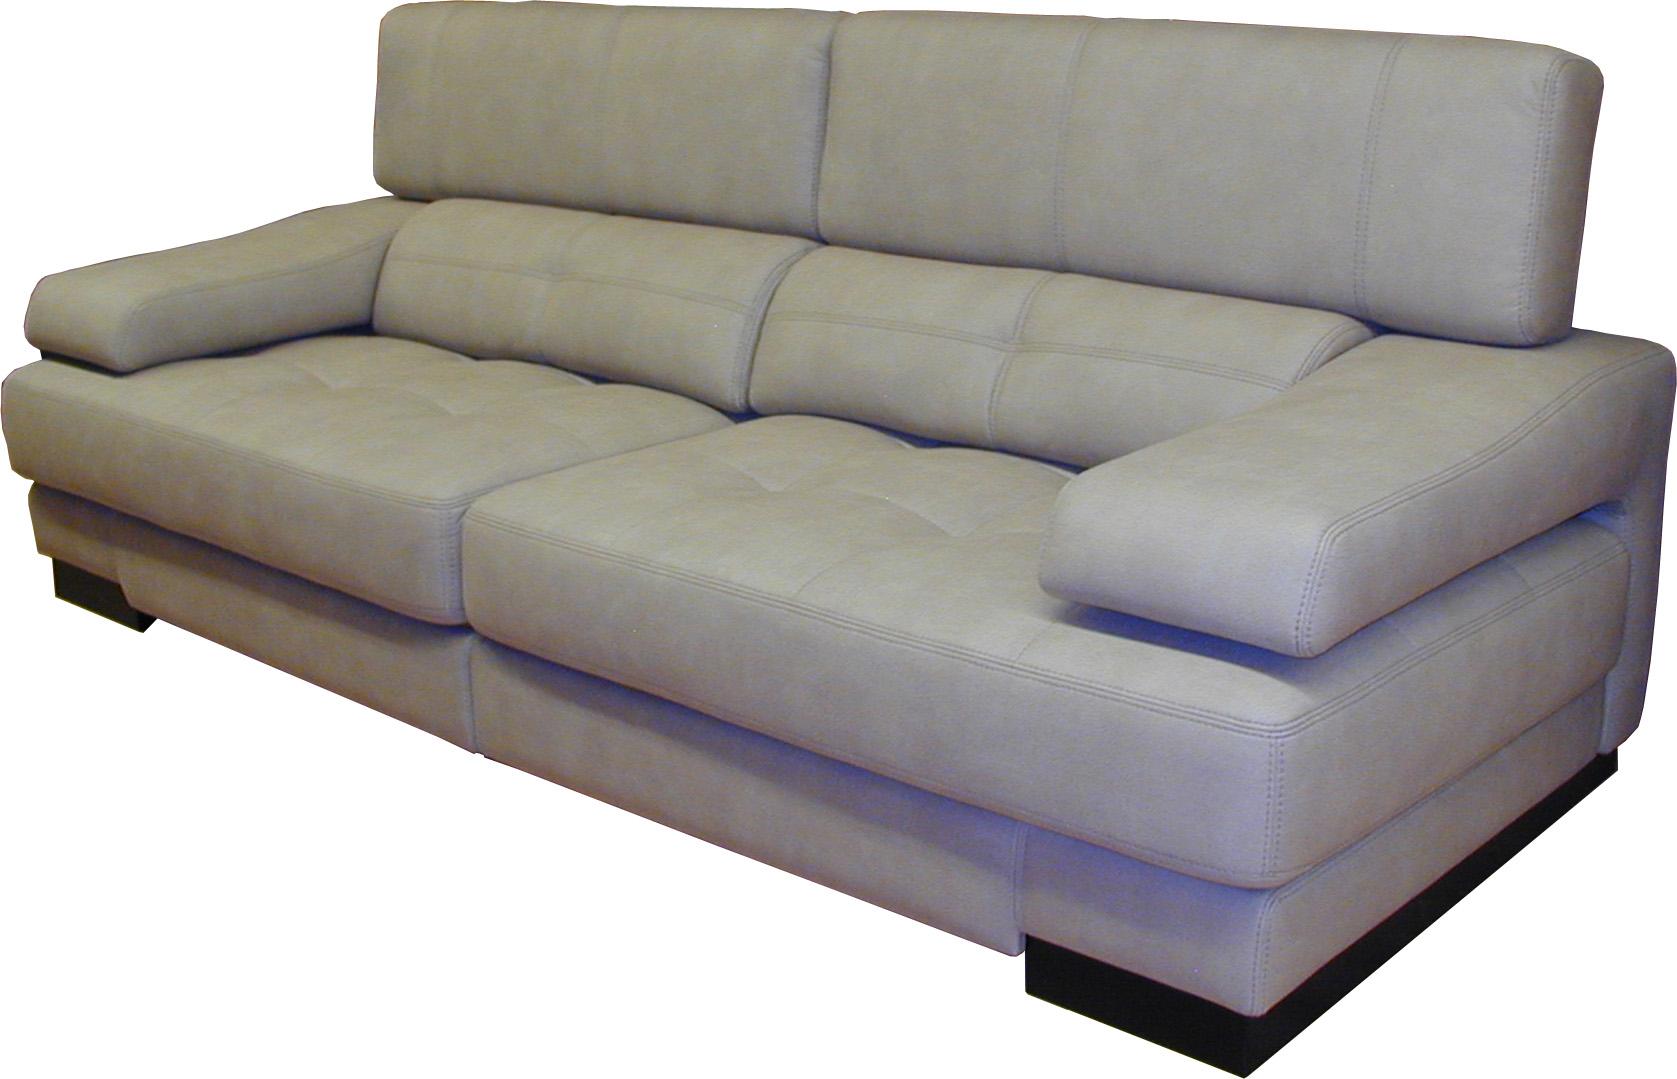 Sofa impac asiento giratorio - Asientos para sofas ...